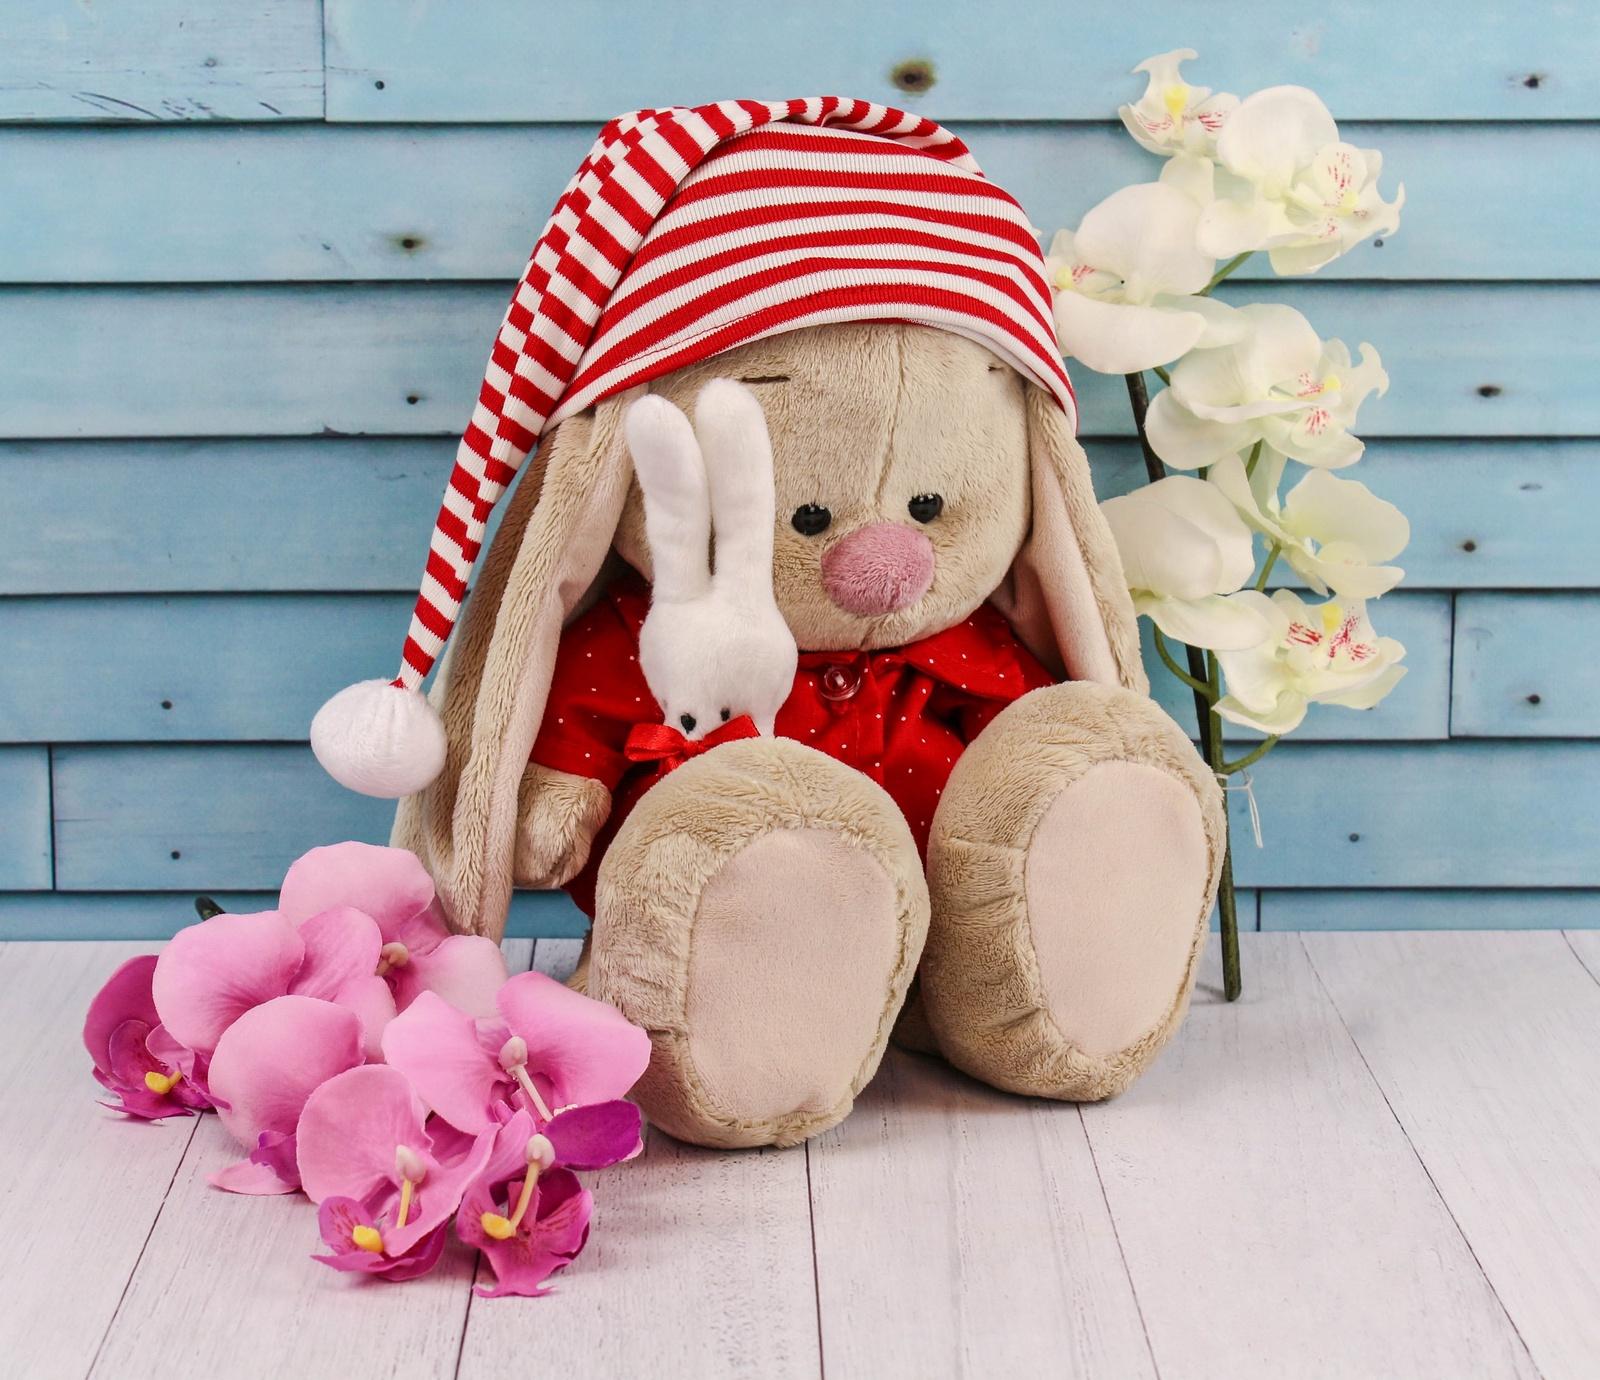 Мягкая игрушка BUDIBASA 23 см бежевый, красныйSidM-158/Зайки Ми - это милые зайчата Мия и Мика из волшебной страны мягких игрушек. Они обожают веселиться, пить ароматный чай на лужайке перед домиком, гулять по Плюшевому лесу и, конечно, стильно наряжаться. Ведь Мика занимается моделированием одежды и потрясающие наряды зайчат - именно его творения. А Мия, как настоящая девочка, обожает их примерять. Игрушка выполнена из невероятно мягкого материала, очень приятного на ощупь.